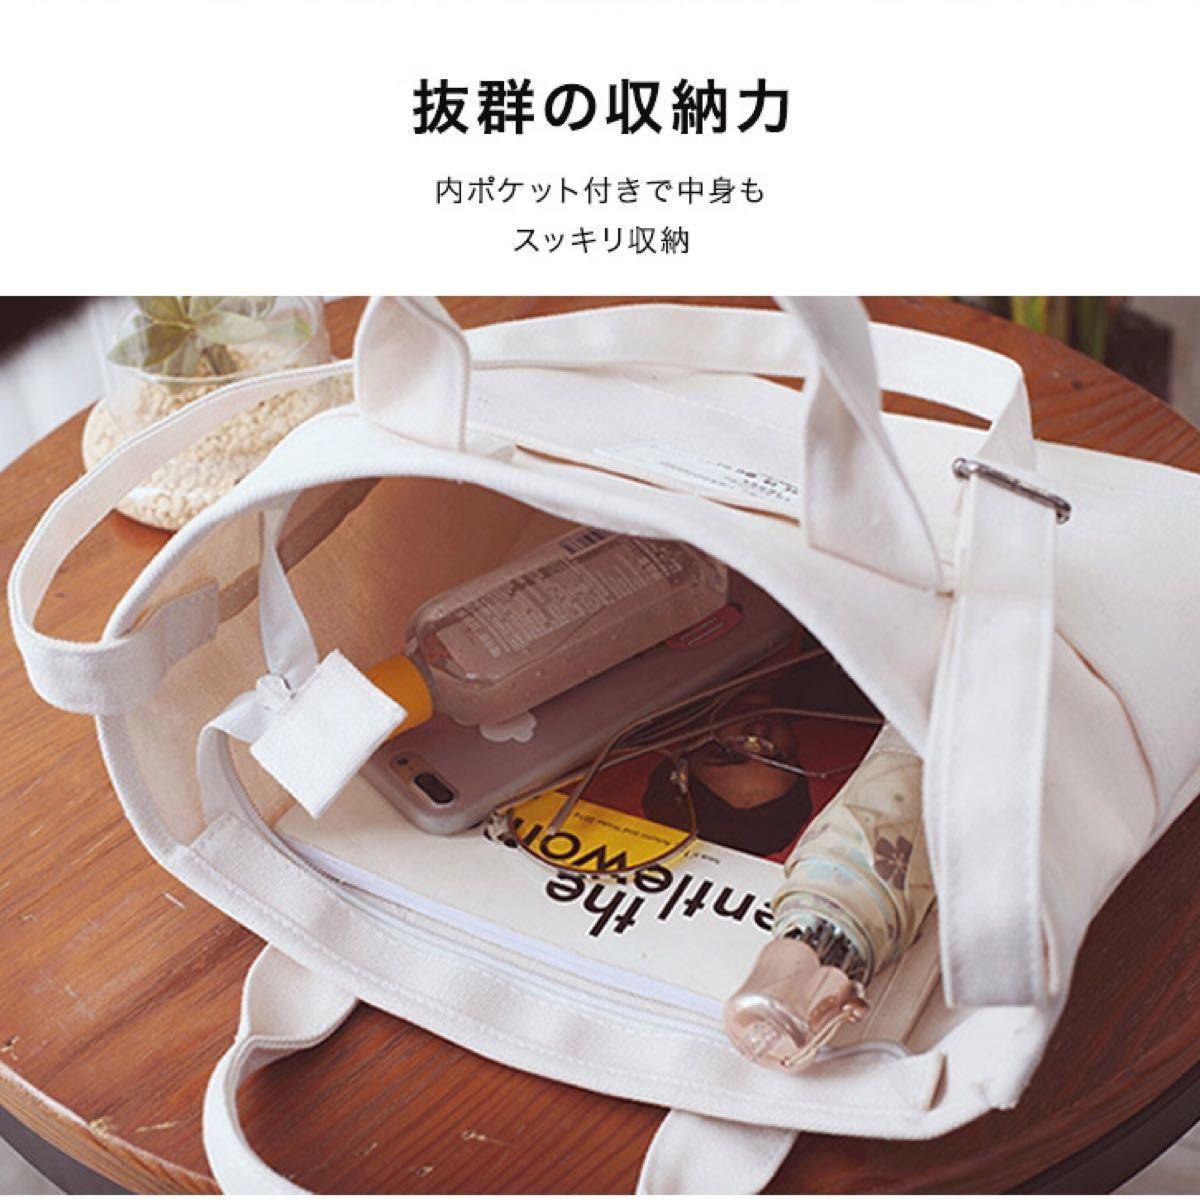 新品【2wayトートバッグ】ホワイト☆